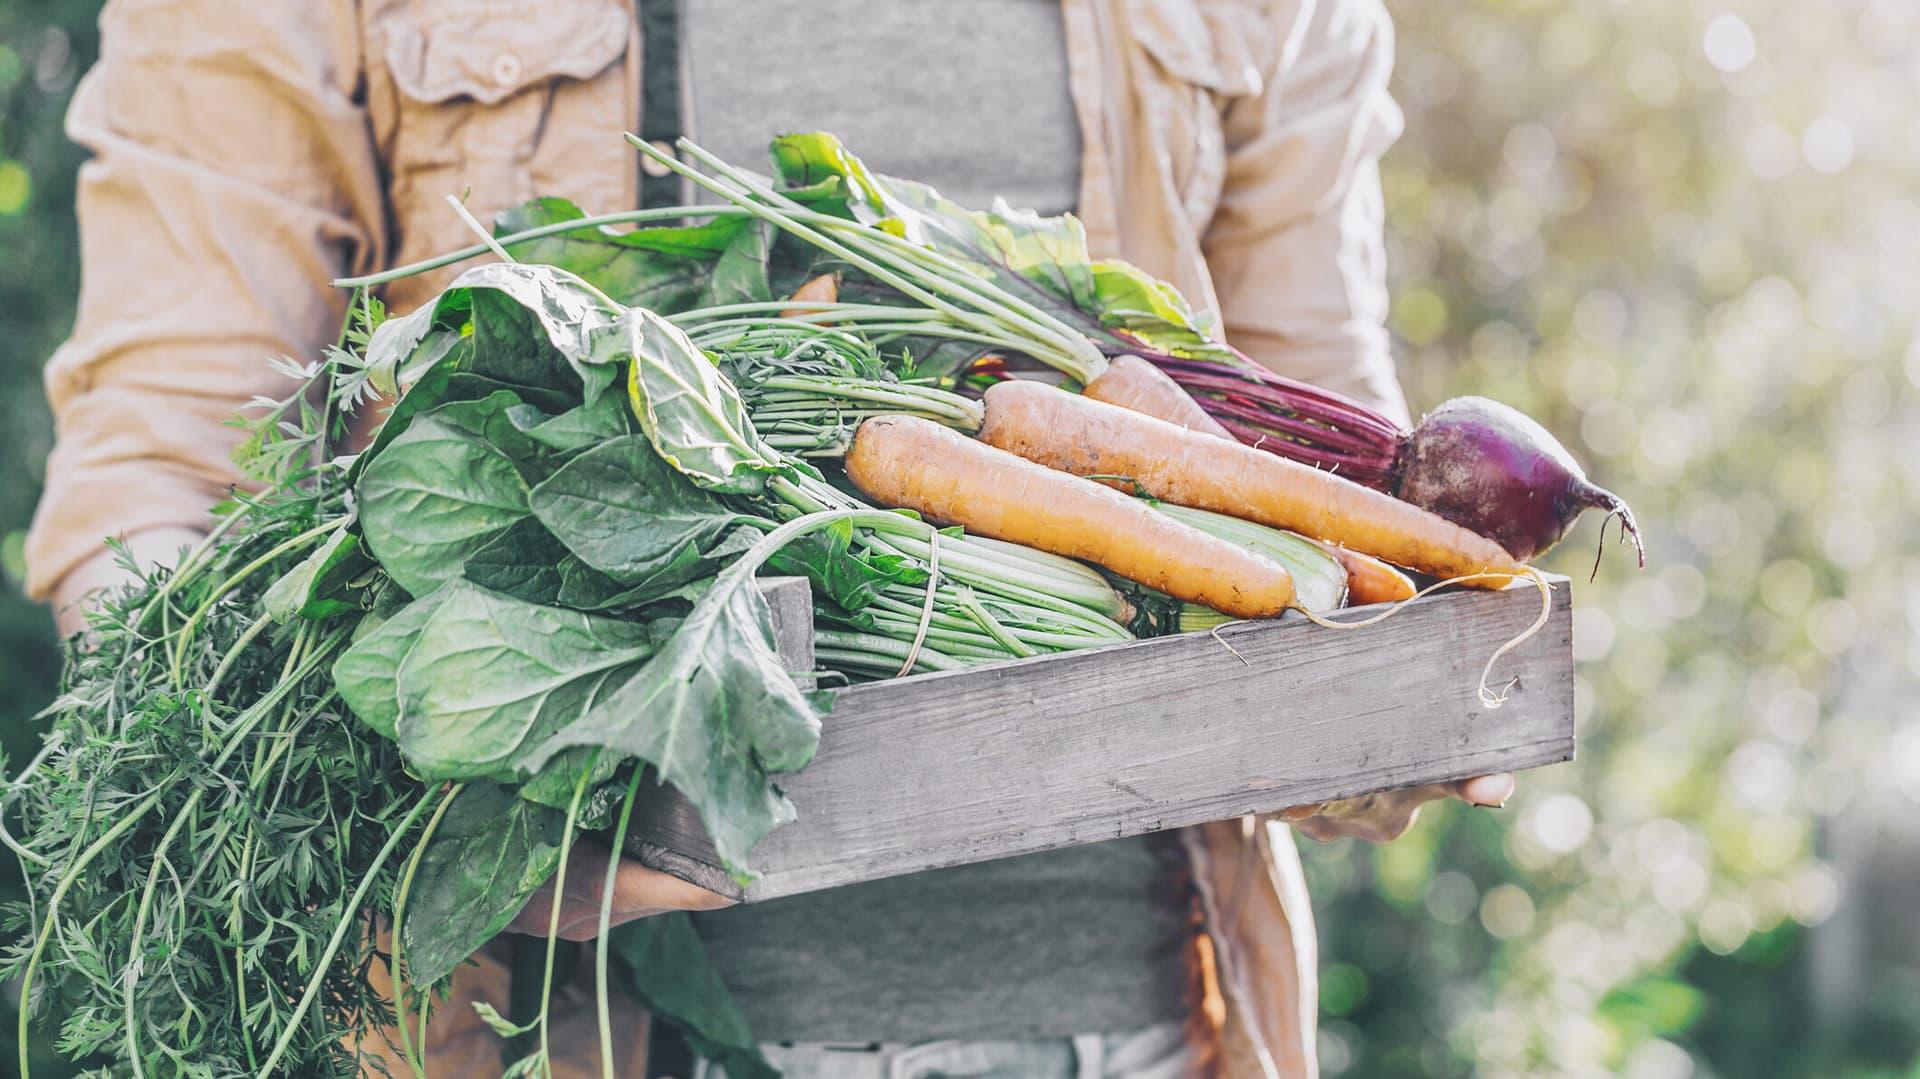 Eine Person trägt eine Kiste mit verschiedenem Gemüse.